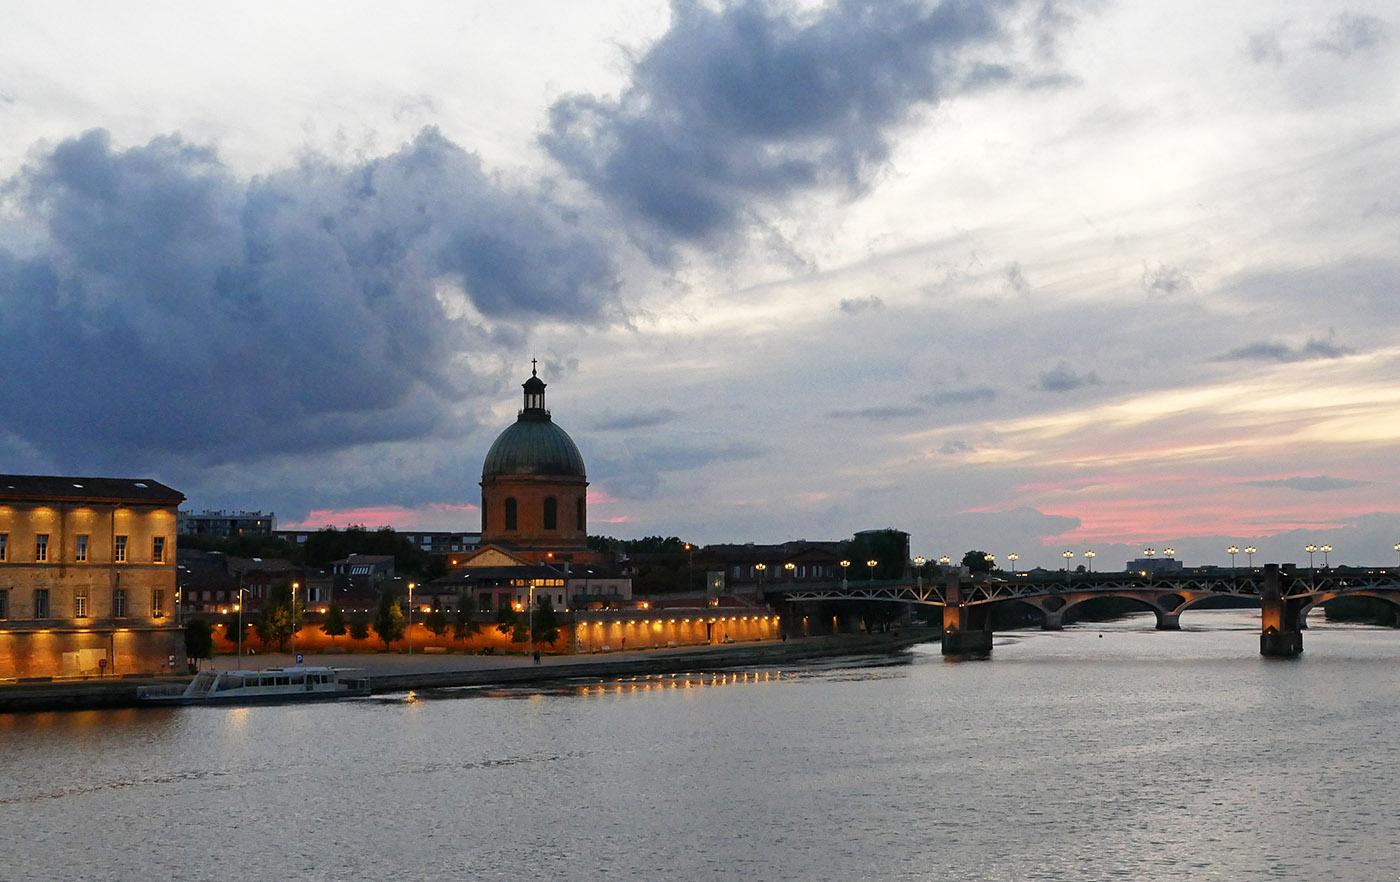 Visiter Toulouse : guide pratique pour préparer votre voyage